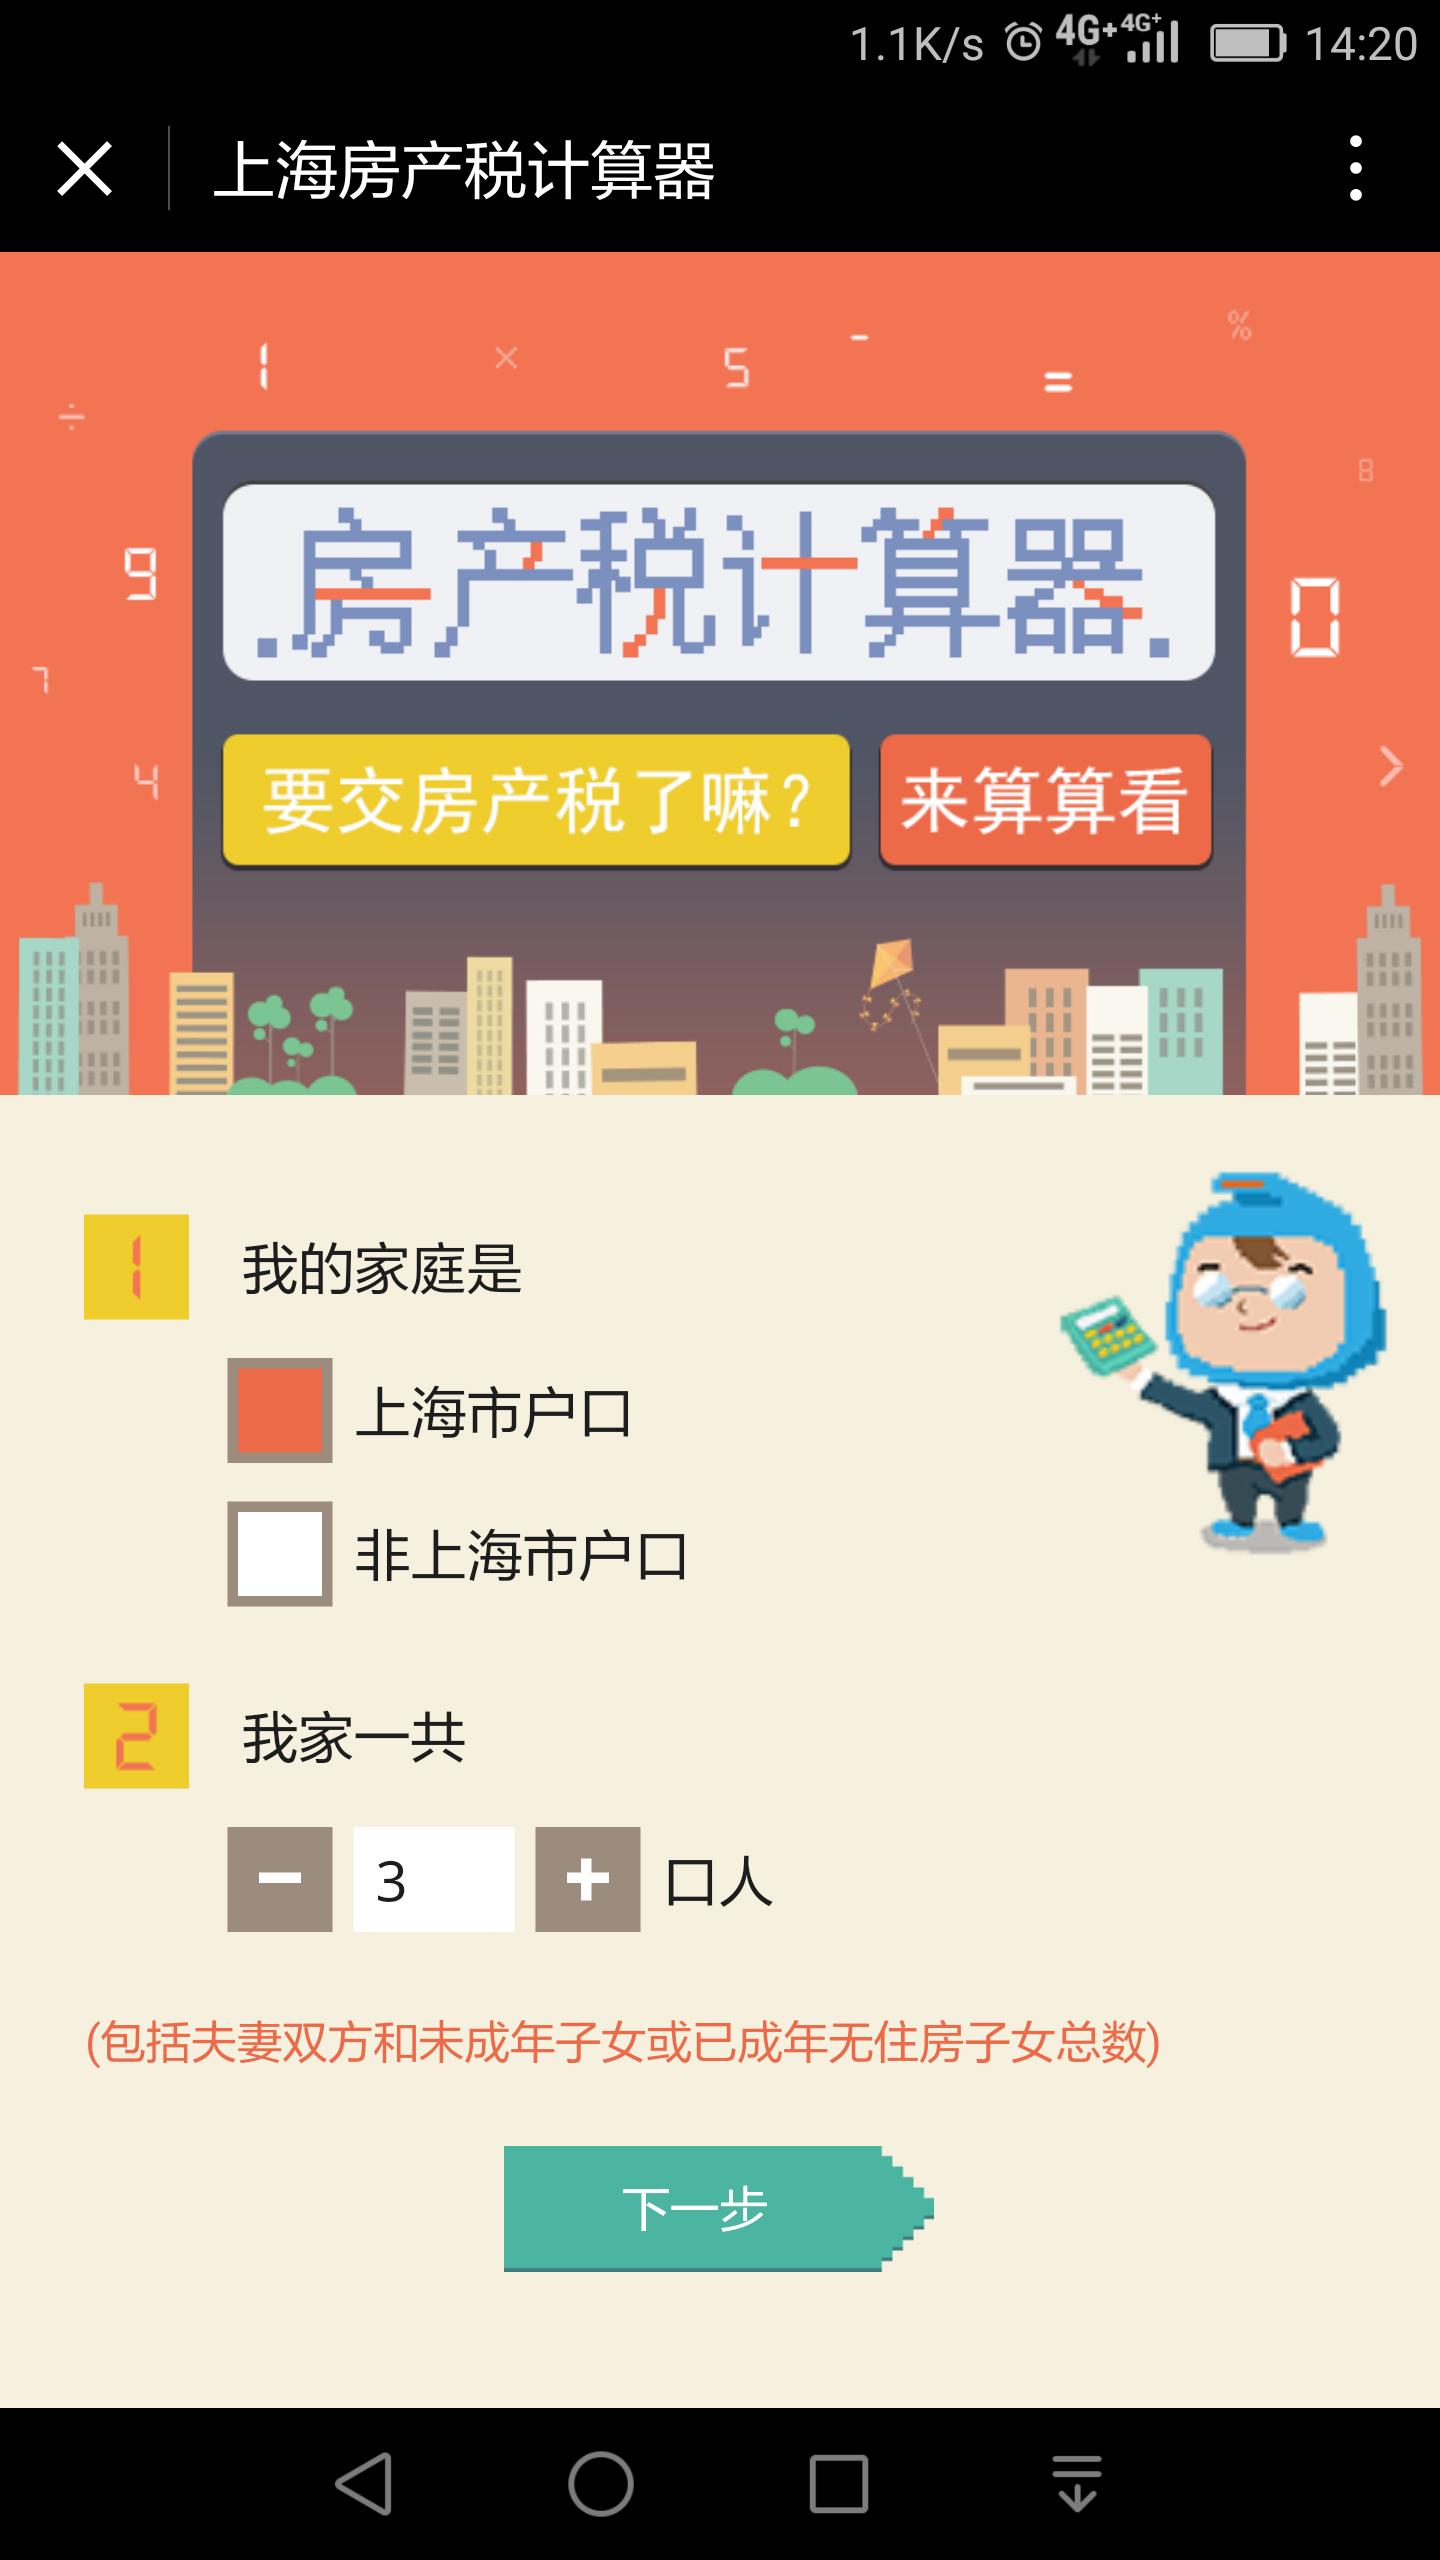 上海房产税计算器小程序